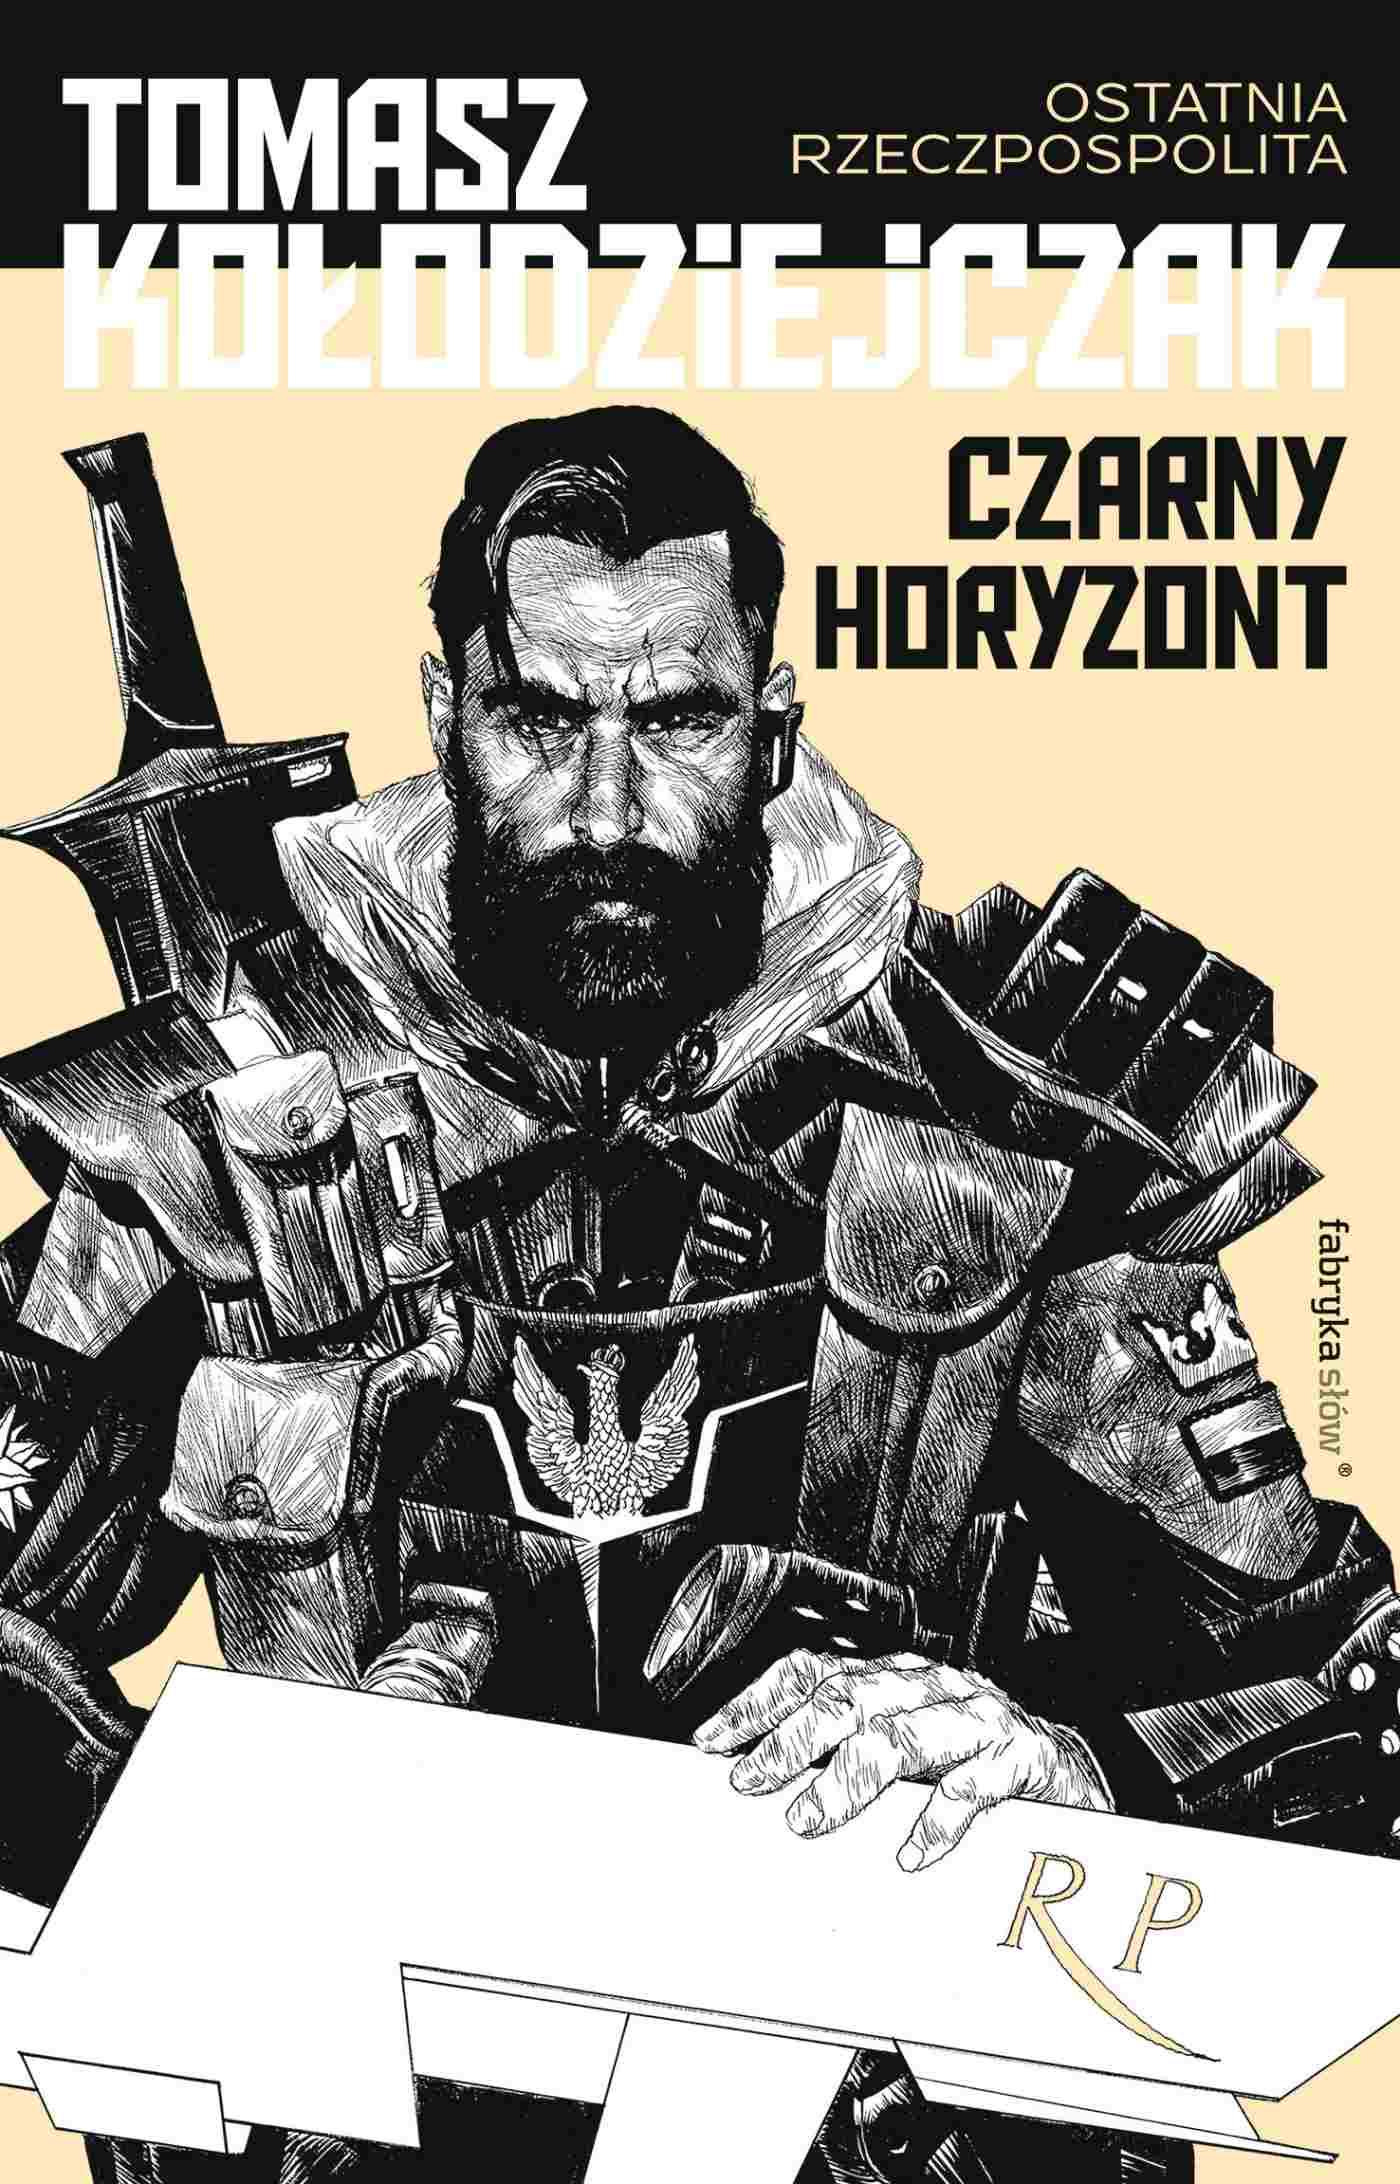 Czarny Horyzont - Ebook (Książka EPUB) do pobrania w formacie EPUB